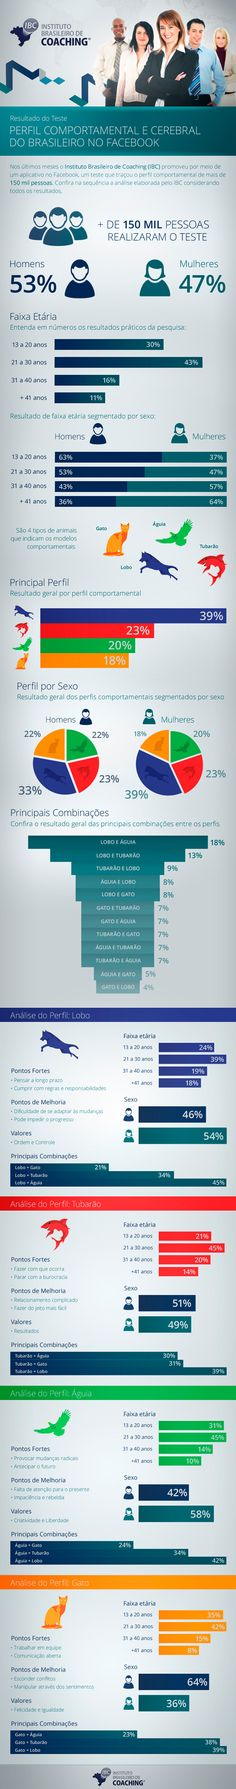 Perfil comportamental e cerebral do Brasileiro no Facebook. Qual é o seu perfil? Descubra aqui.